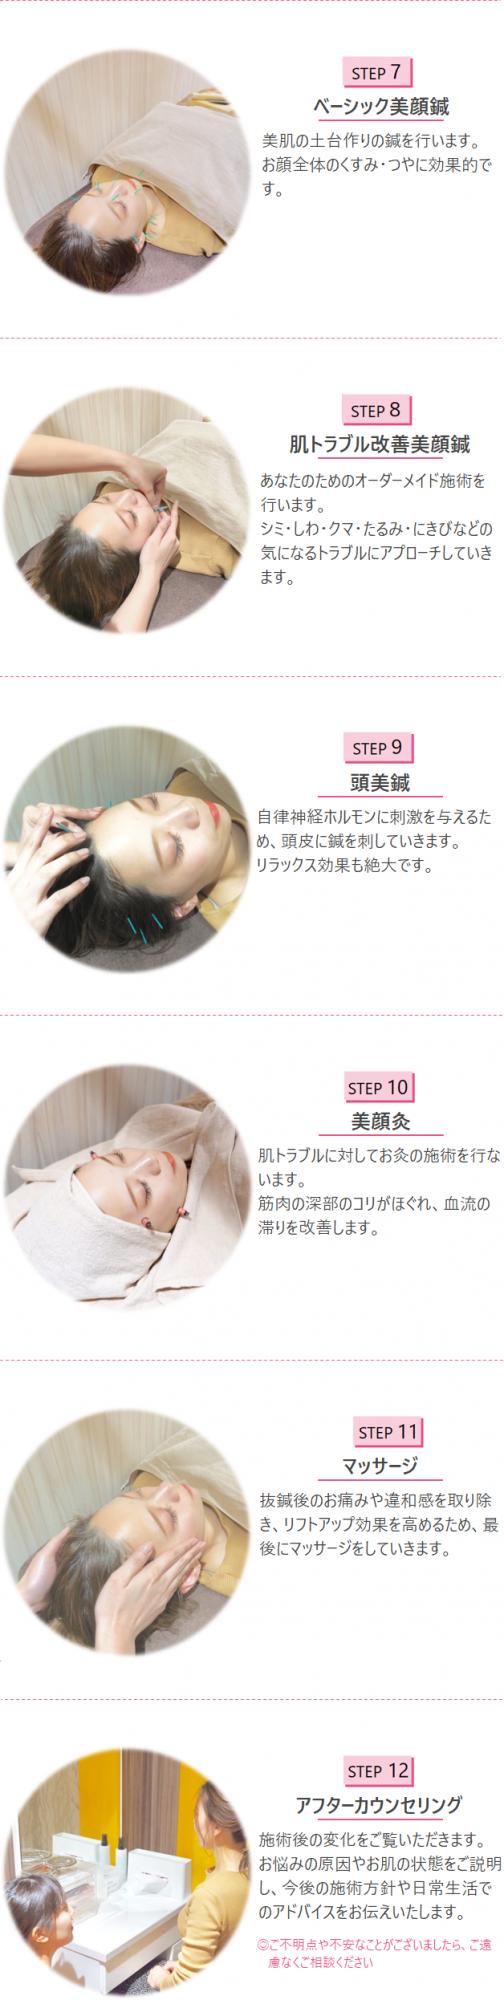 STEP7 ベーシック美顔鍼 美肌の土台作りの鍼を行います。お顔全体のくすみ・つやに効果的です。 STEP8 肌トラブル改善美顔鍼 あなたのためのオーダーメイド施術を行います。シミ・しわ・クマ・たるみ・にきびなどの気になるトラブルにアプローチしていきます。 STEP9 頭美鍼 自律神経ホルモンに刺激を与えるため、頭皮に鍼を刺していきます。リラックス効果も絶大です。 STEP10 美顔灸 肌トラブルに対してお灸の施術を行います。筋肉の深部のコリがほぐれ、血流の滞りを改善します。 STEP11 マッサージ 抜鍼後のお痛みや違和感を取り除き、リフトアップ効果を高めるため、最後にマッサージをしていきます。 STEP12 アフターカウンセリング 施術後の変化をご覧いただきます。 お悩みの原因やお肌の状態をご説明し、今後の施術方針や日常生活でのアドバイスをお伝えいたします。◎ご不明点や不安なことがございましたら、ご遠慮なくご相談ください